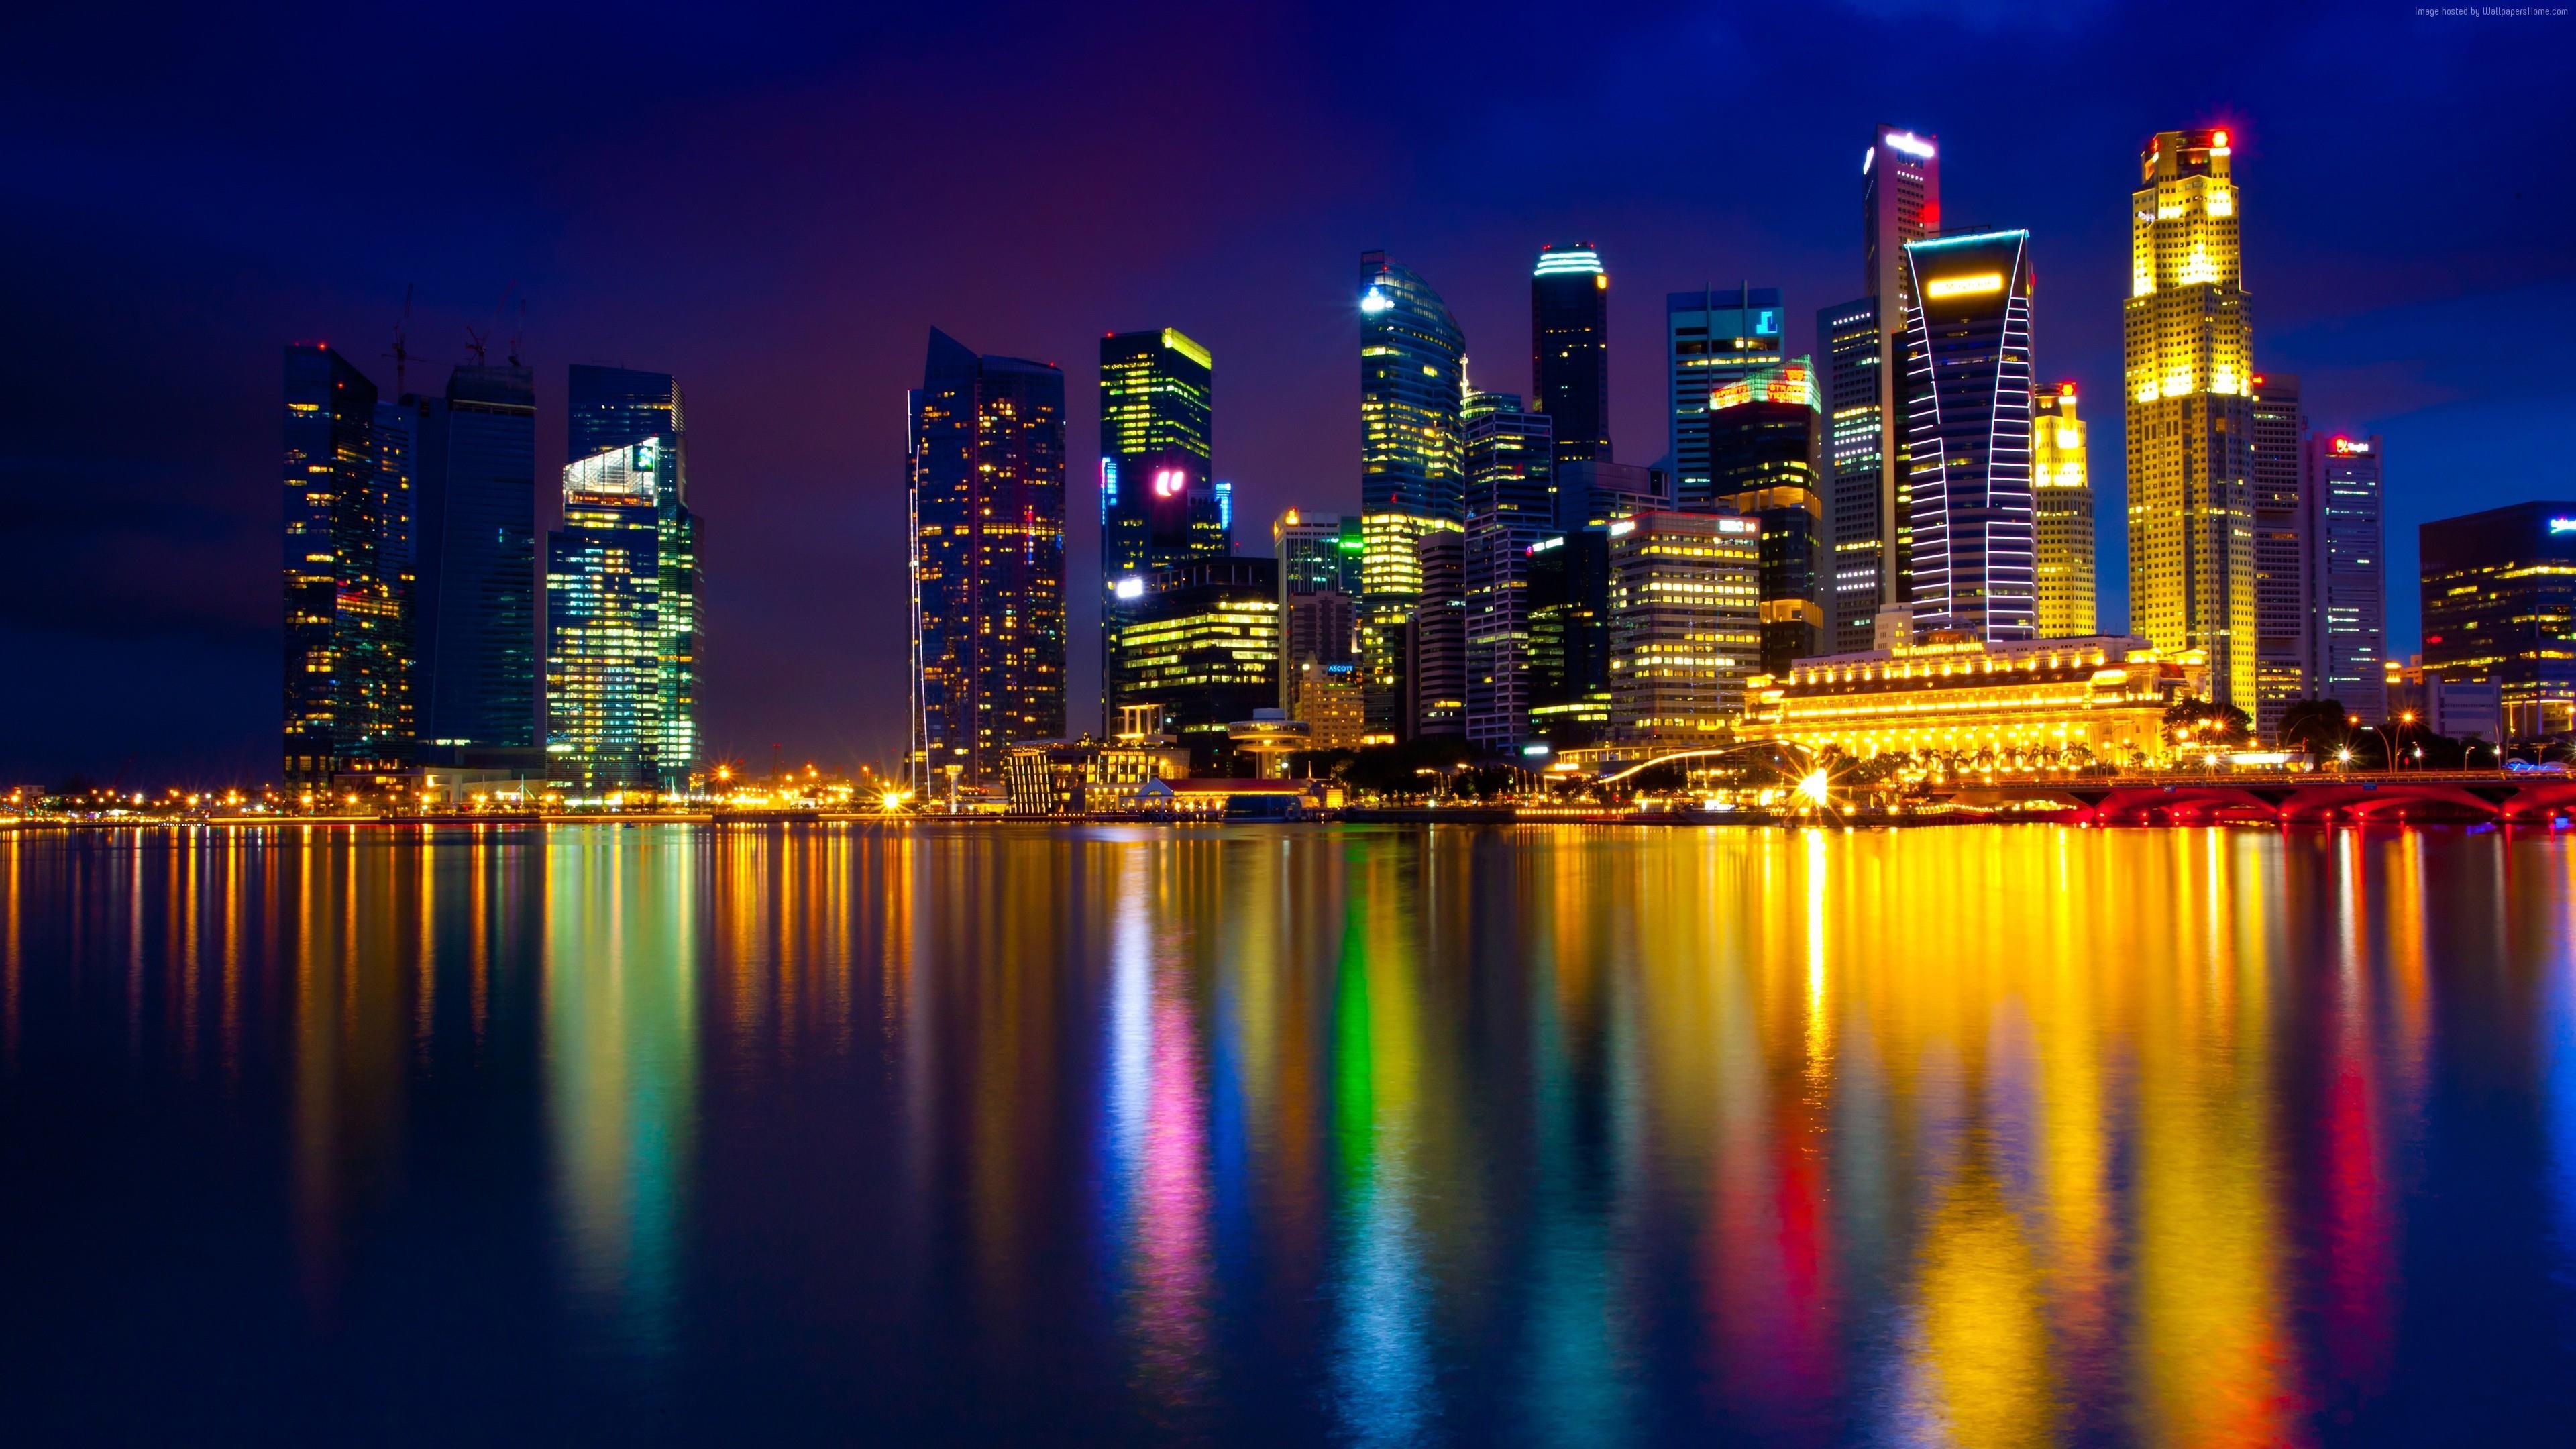 Marina Bay at night (Singapore) wallpaper